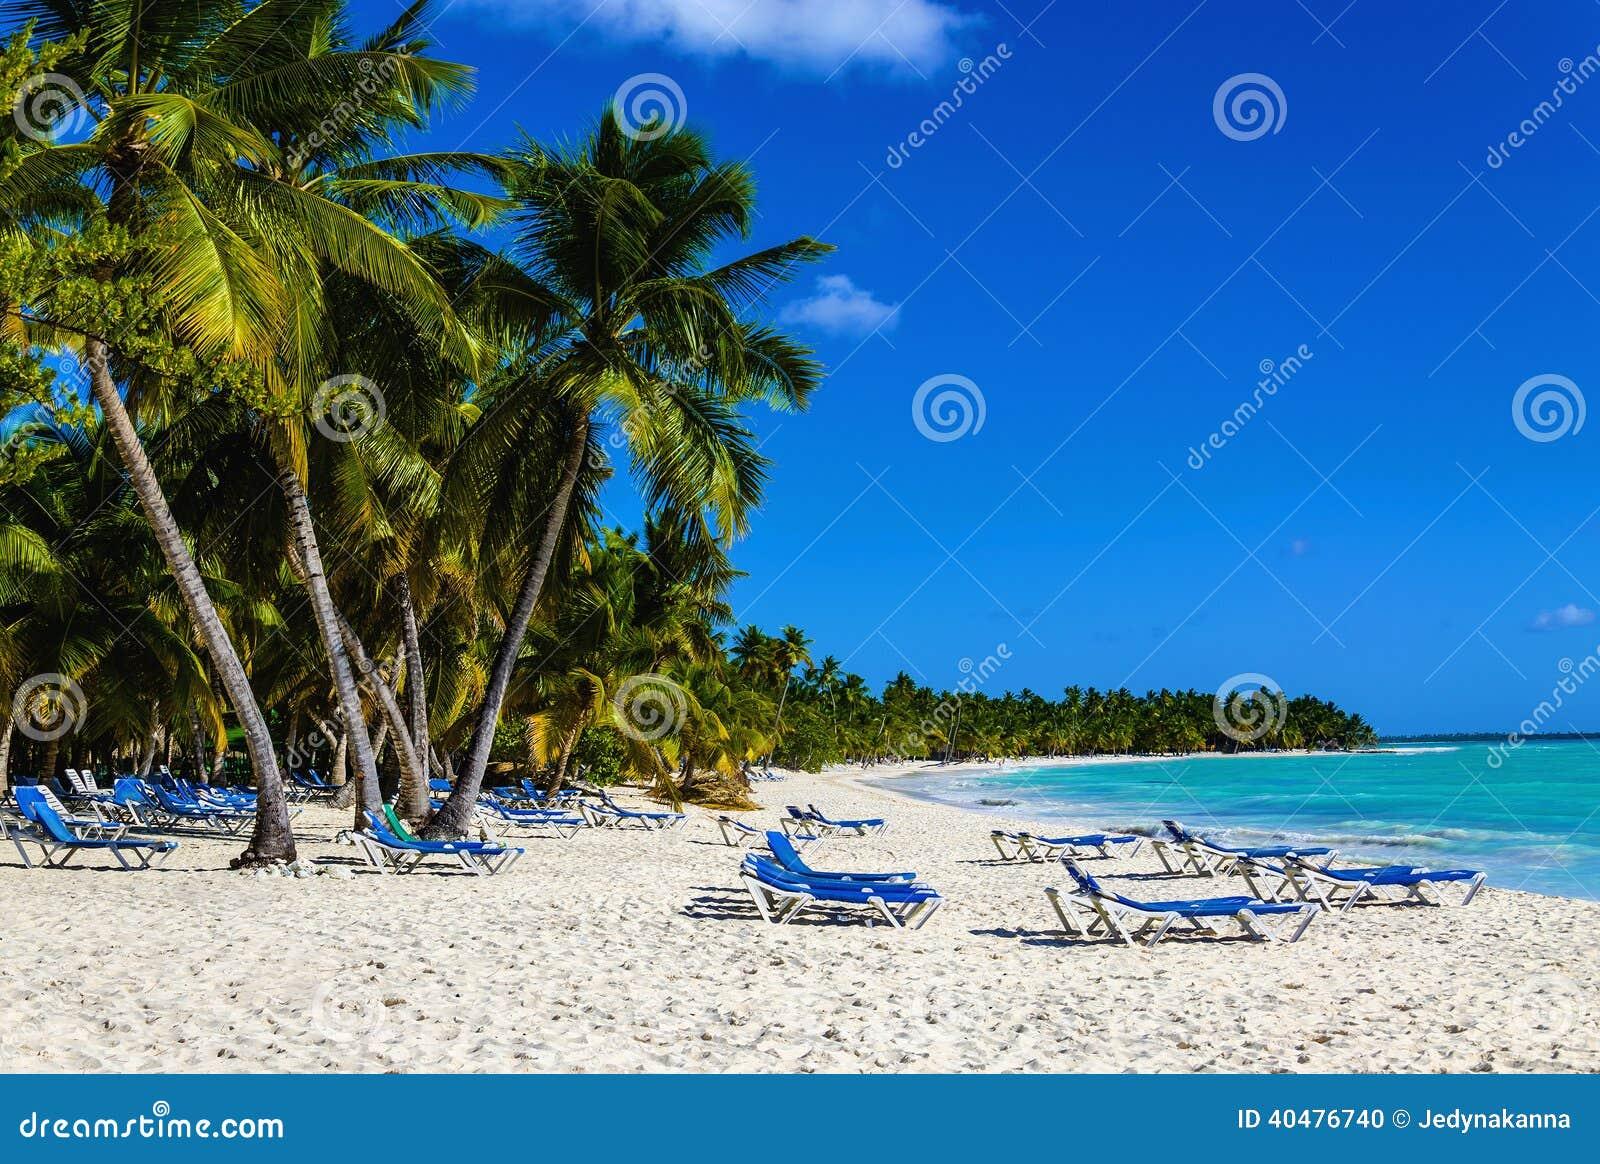 Caribbean Relaxation: Beach Chair On Sandy Caribbean Beach In Cuba Stock Photo